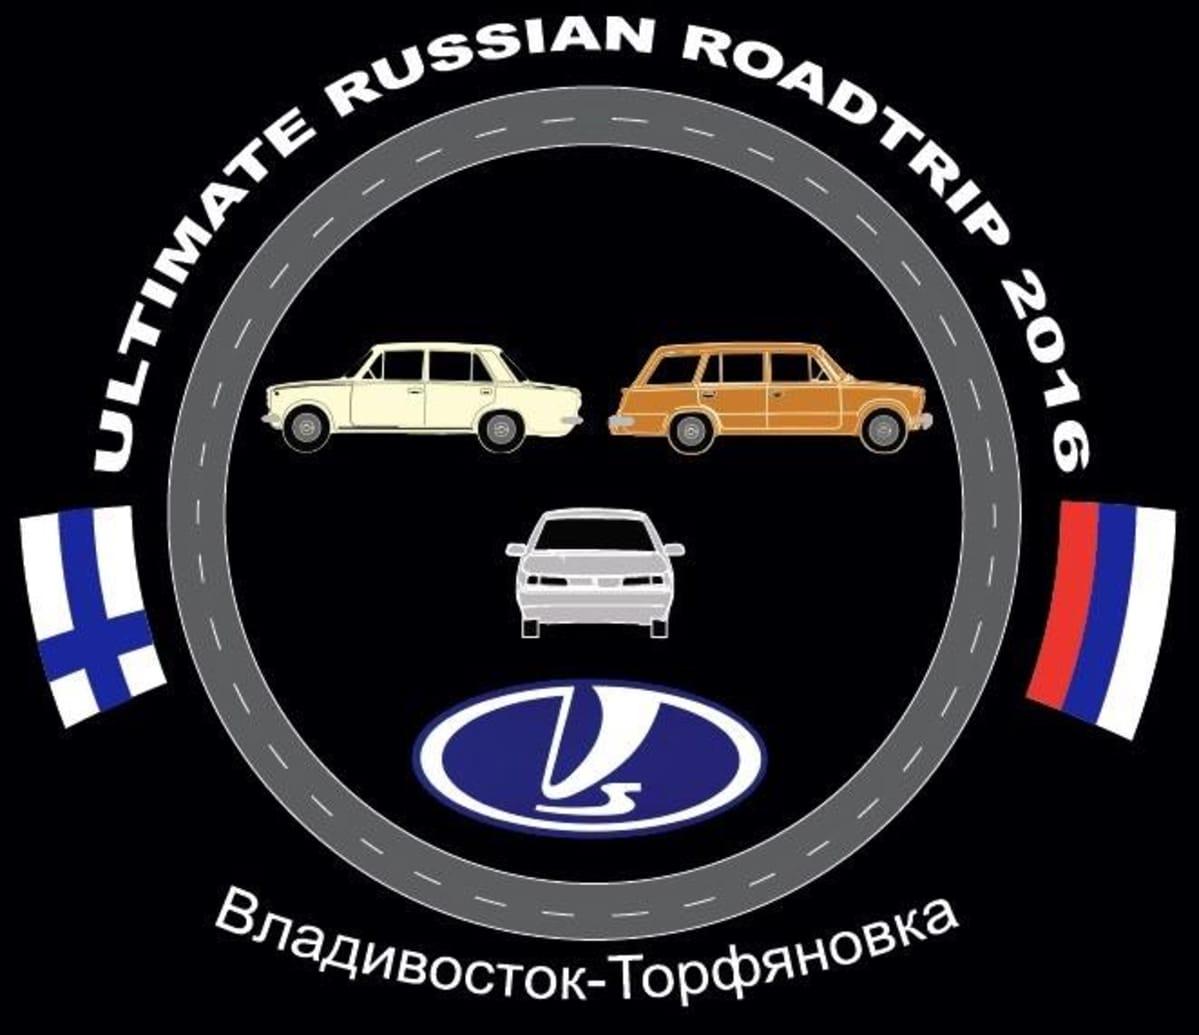 Ultimate Russian Roadtrip, Ladalla Vladivostokista Vaalimaalle.